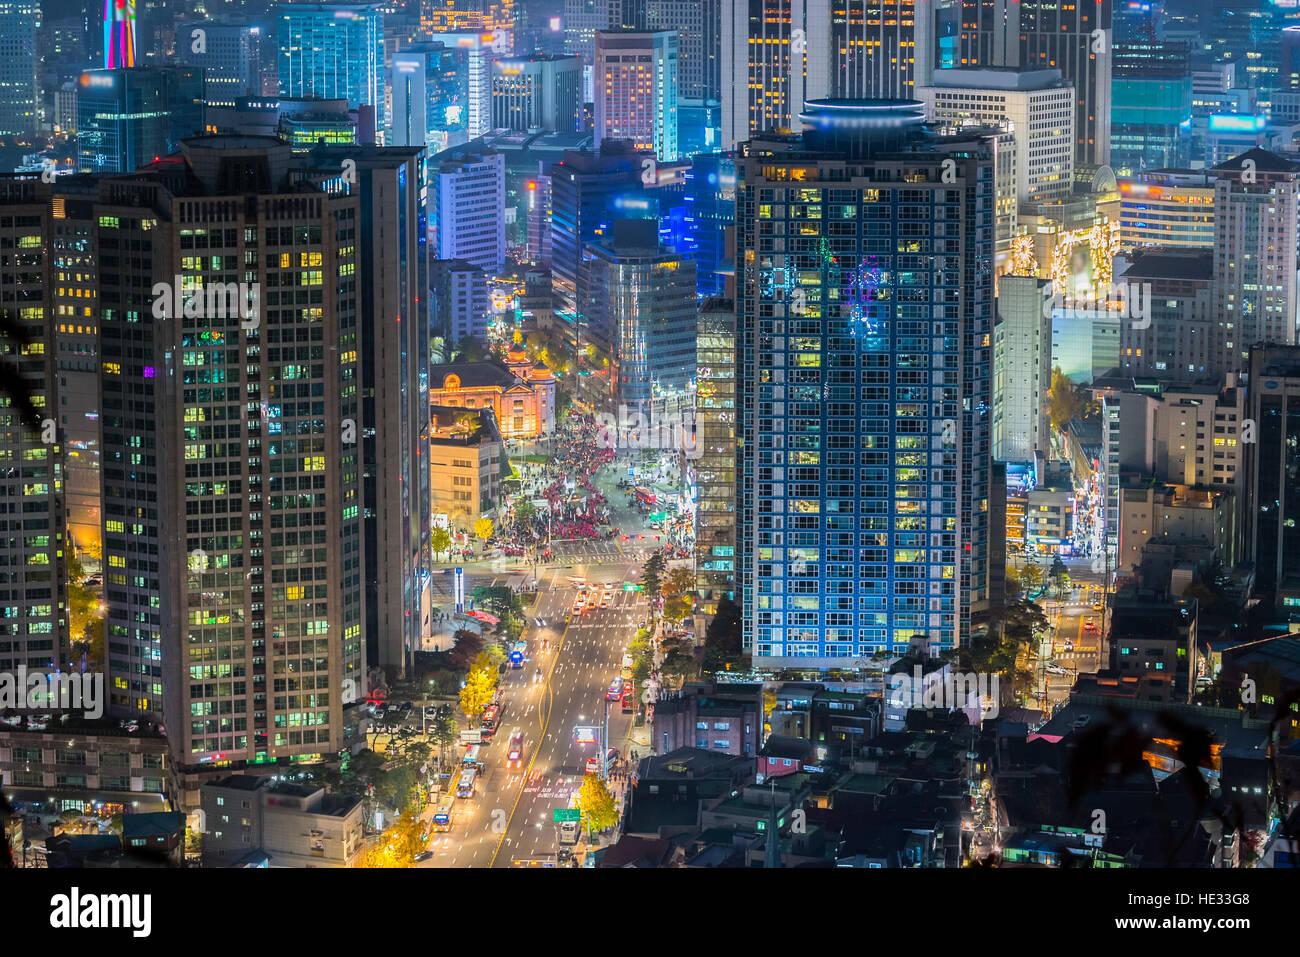 Séoul Corée,la nuit, de Corée du Sud sur la ville. Photo Stock